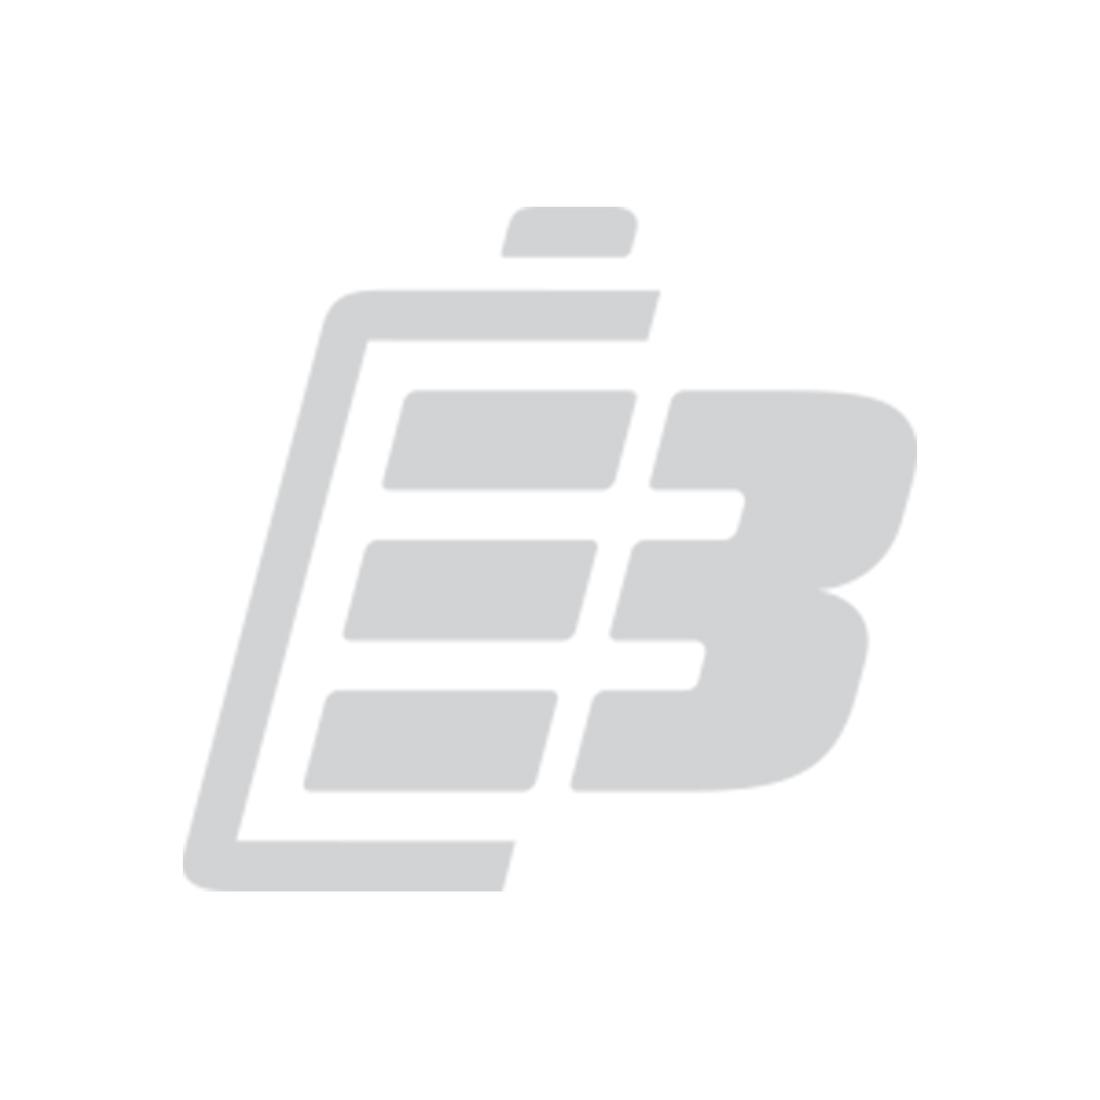 Efan INR 21700 battery 3750mAh 40A